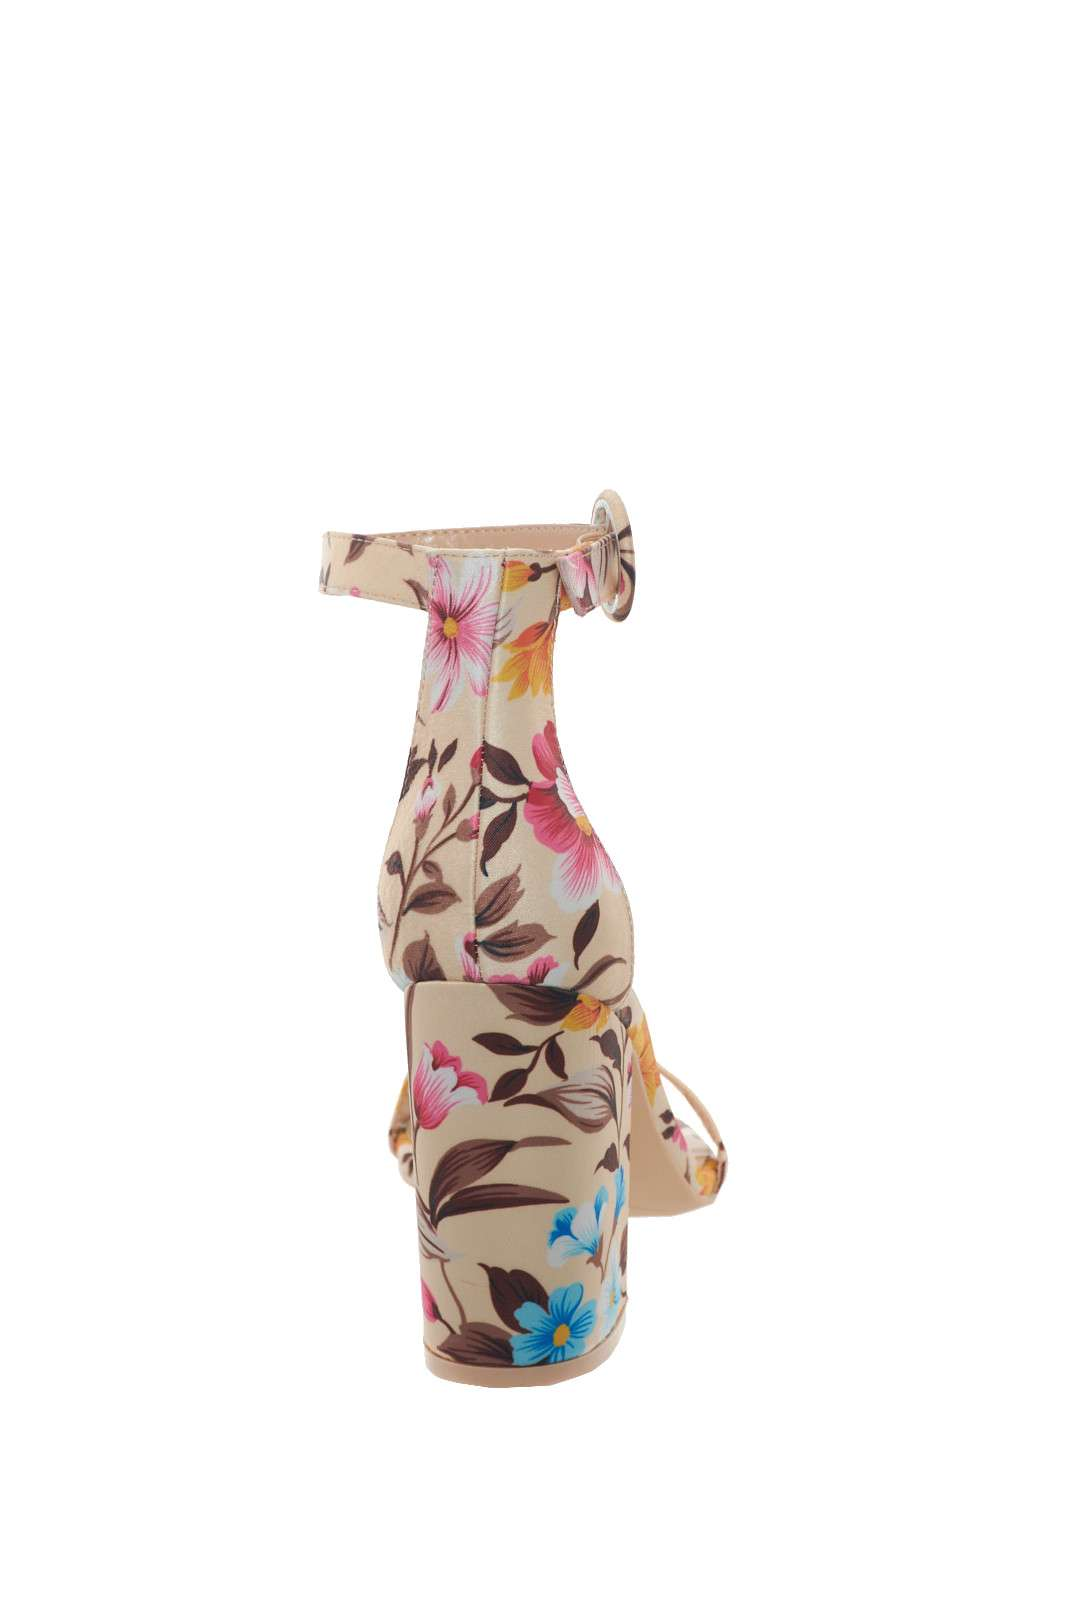 https://www.parmax.com/media/catalog/product/a/i/PE-outlet_parmax-sandali-donna-Francesco-Milano-s141f-D.jpg